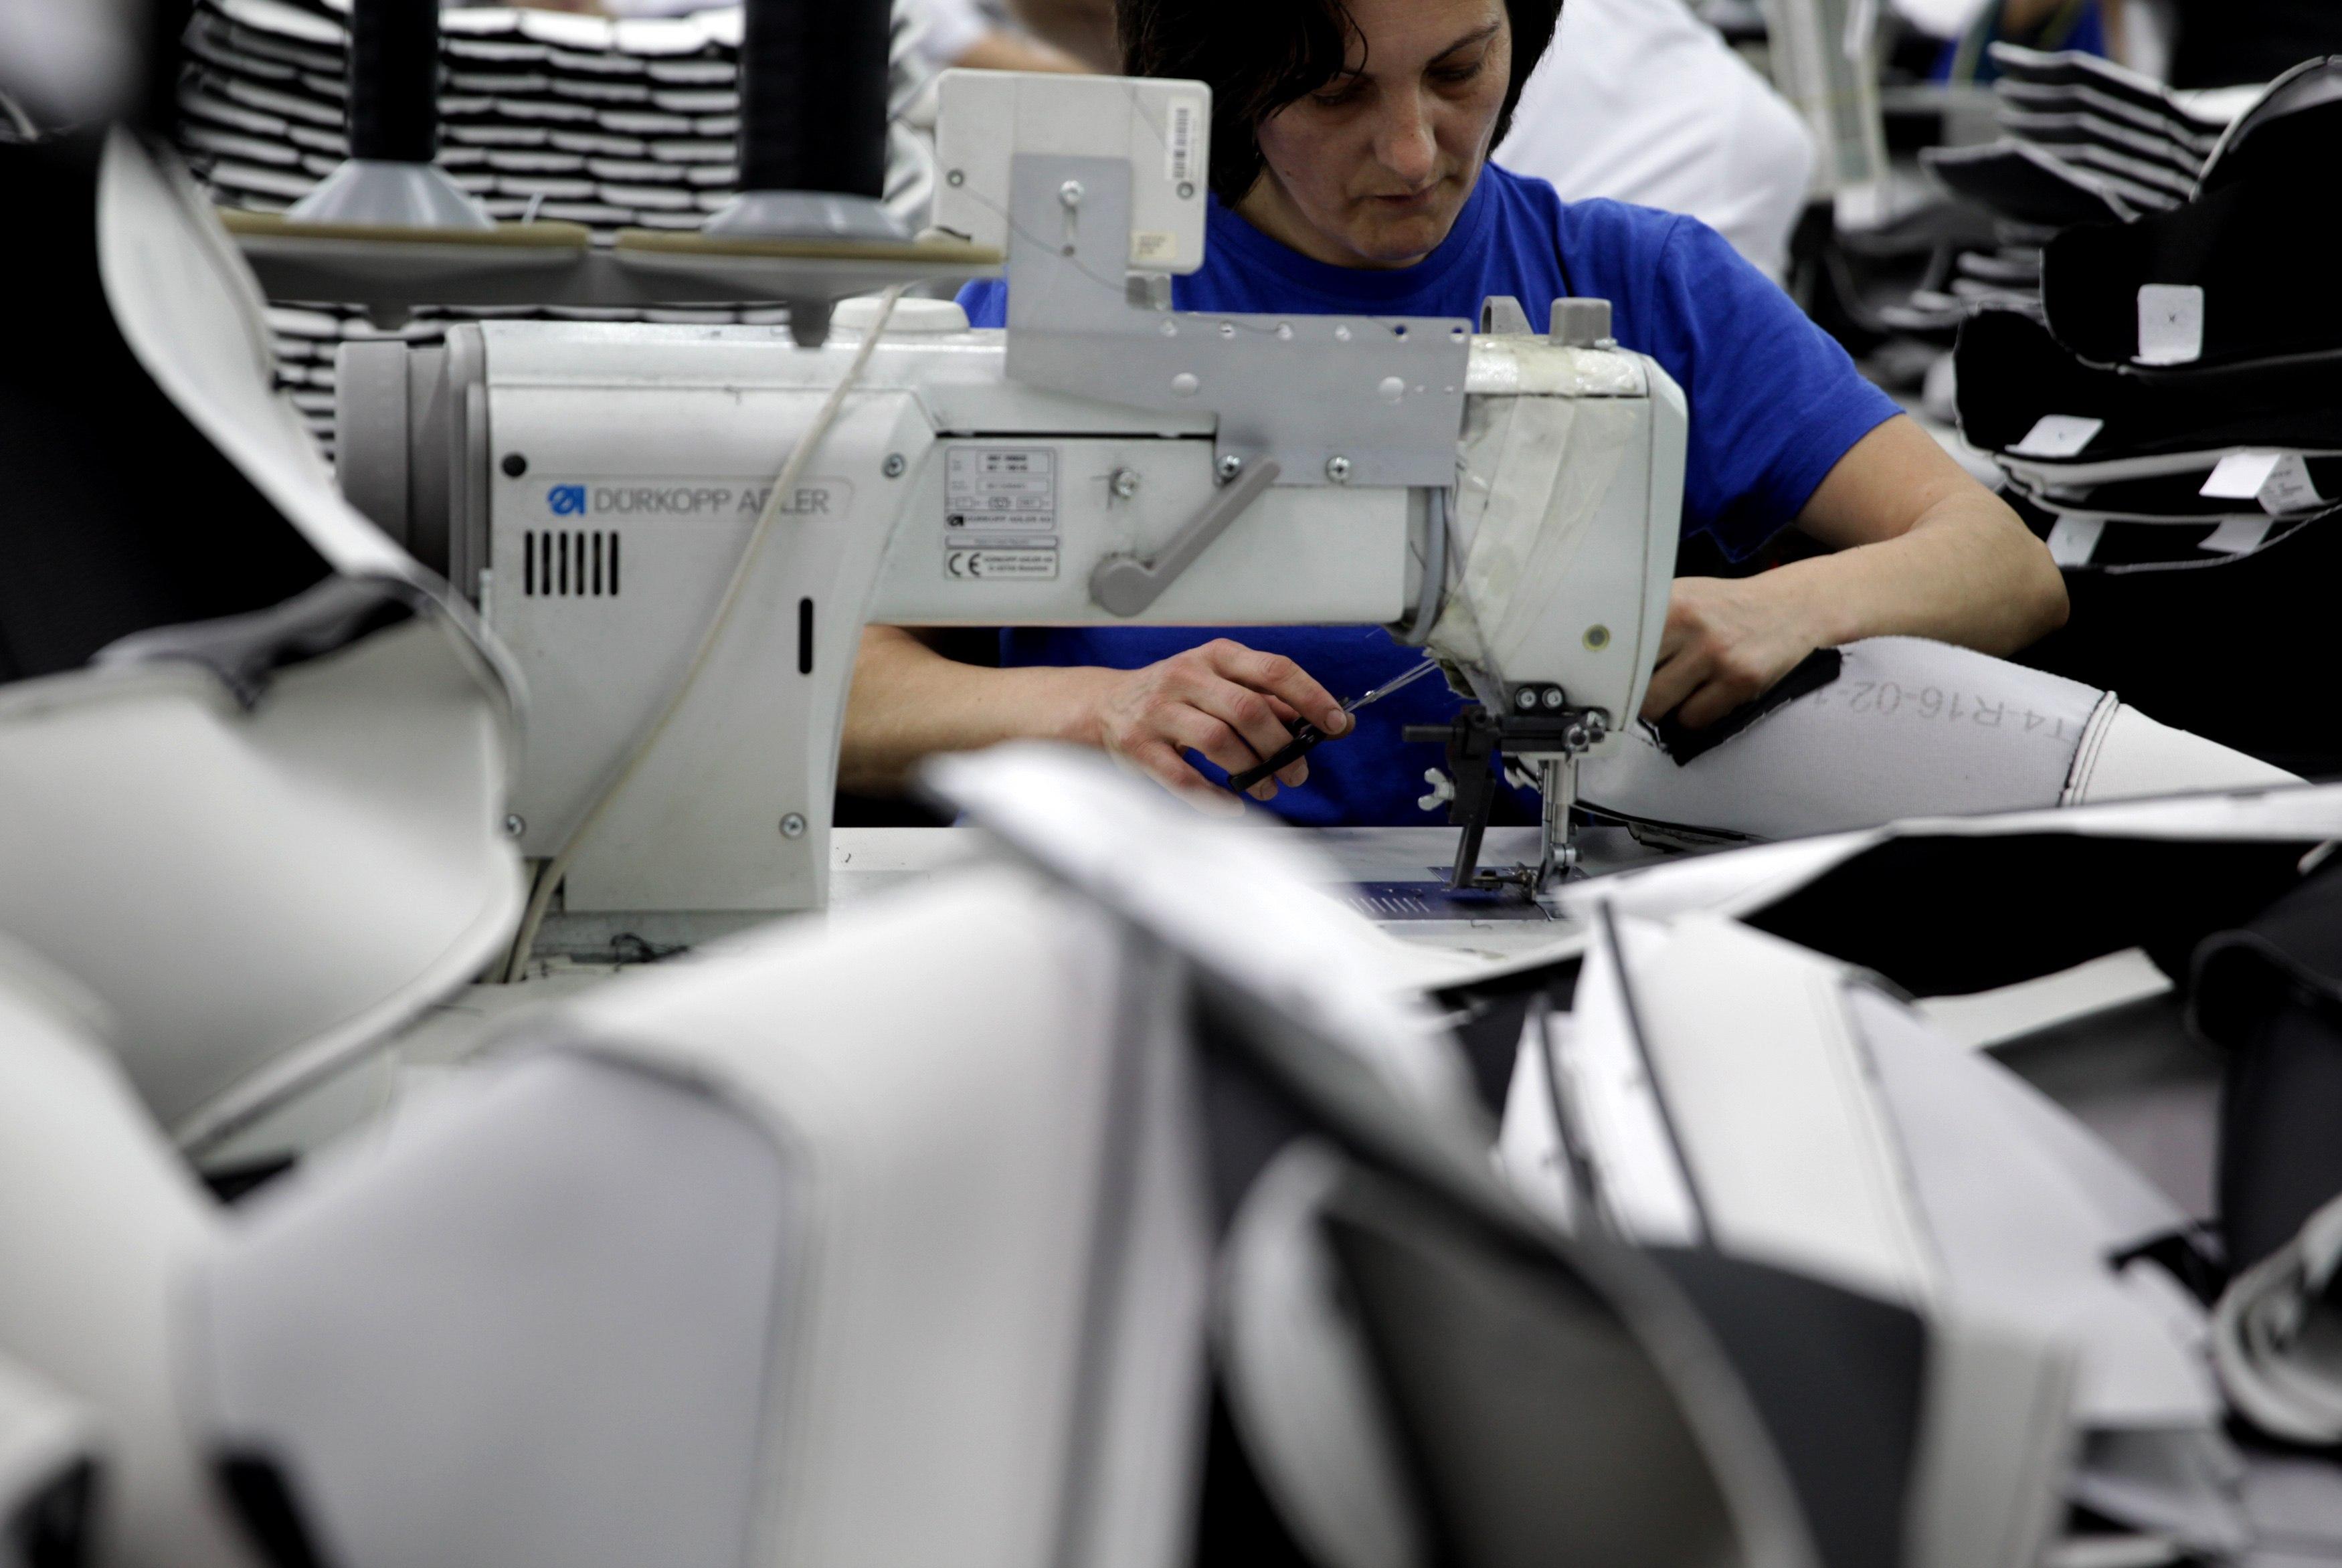 Уровень безработицы в Беларуси по-прежнему один из самых низких в мире - 0,5%